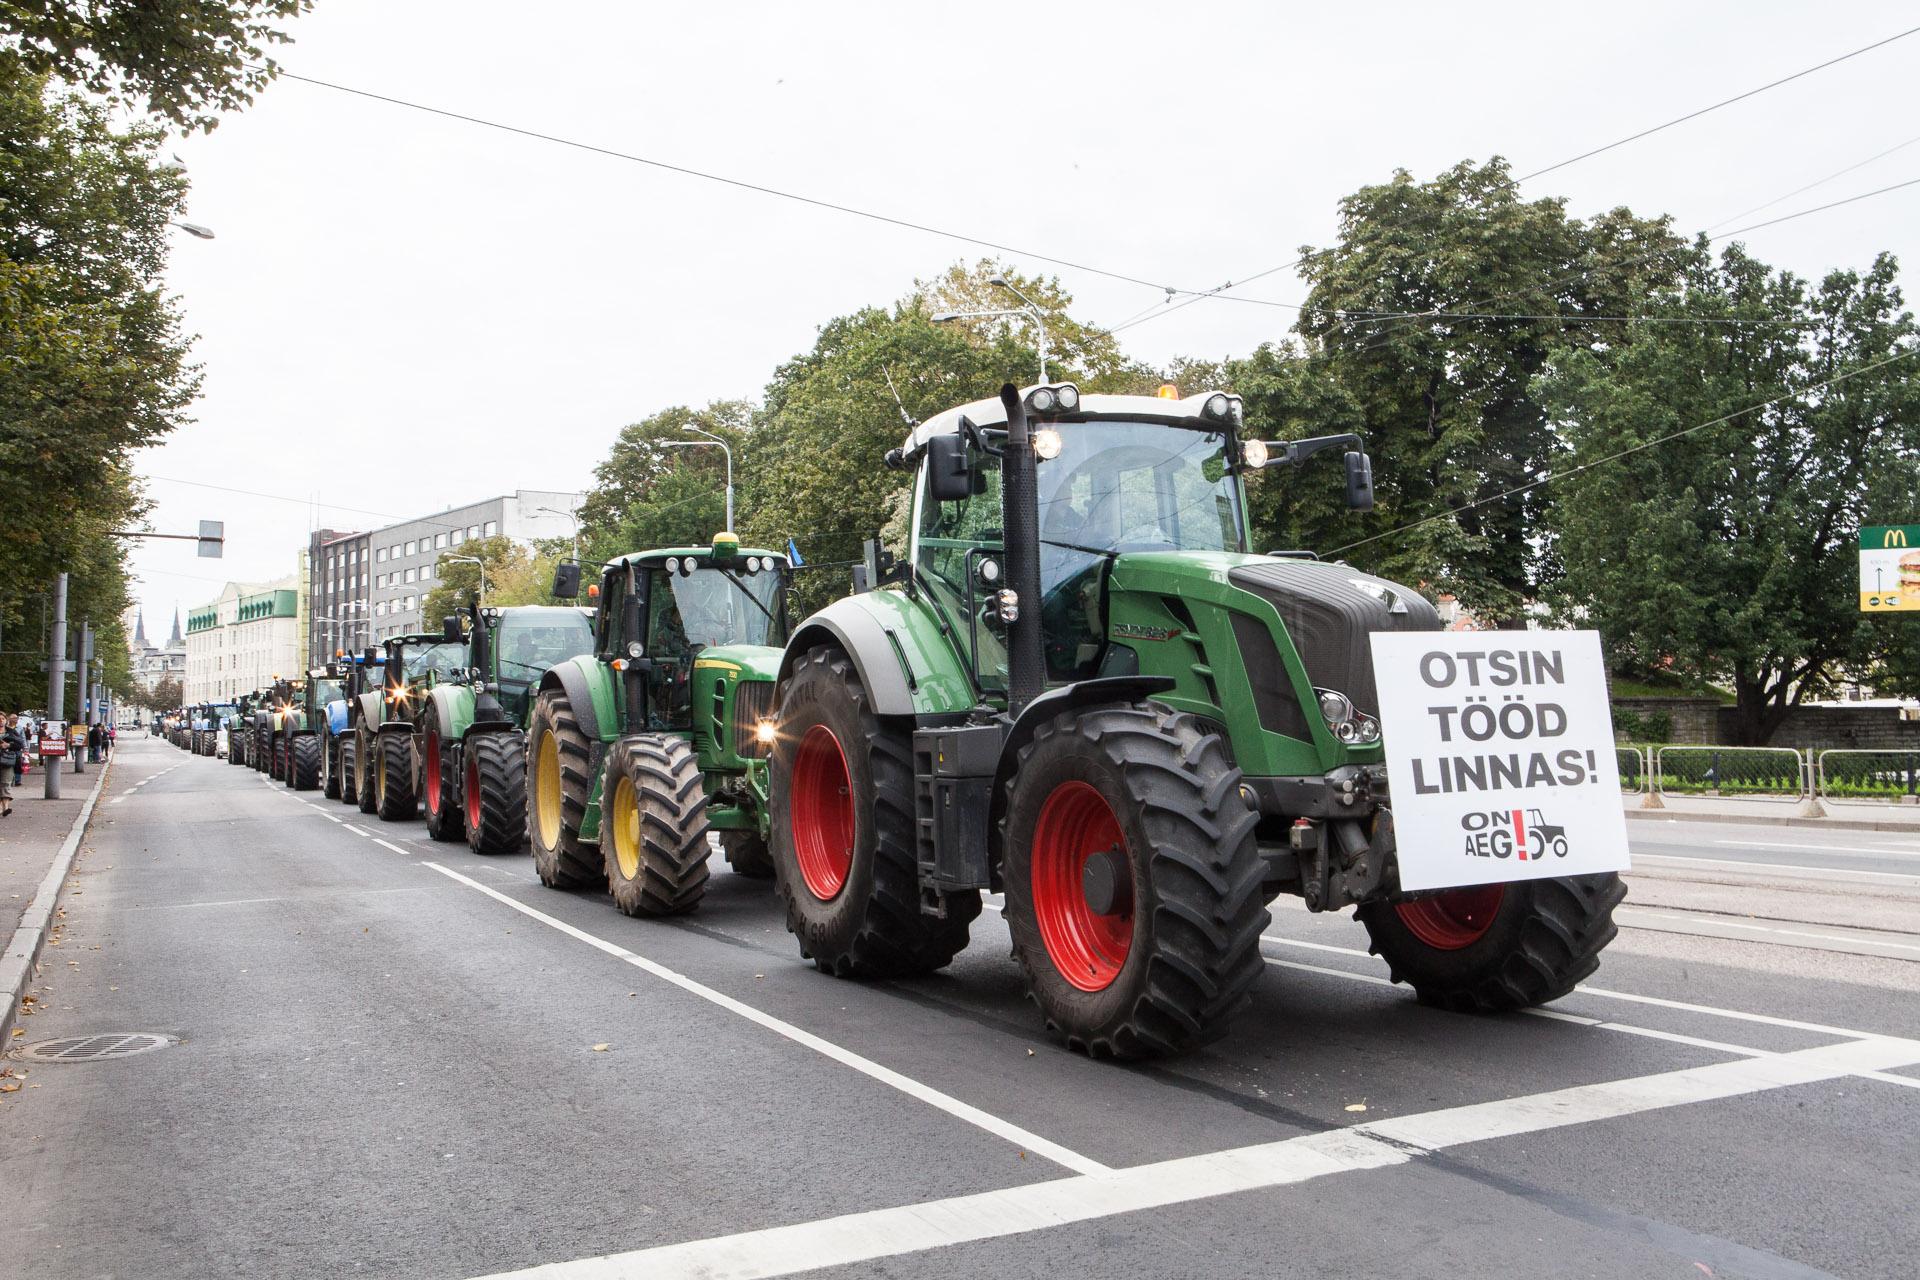 Traktorid saabuvad Viru väljakule